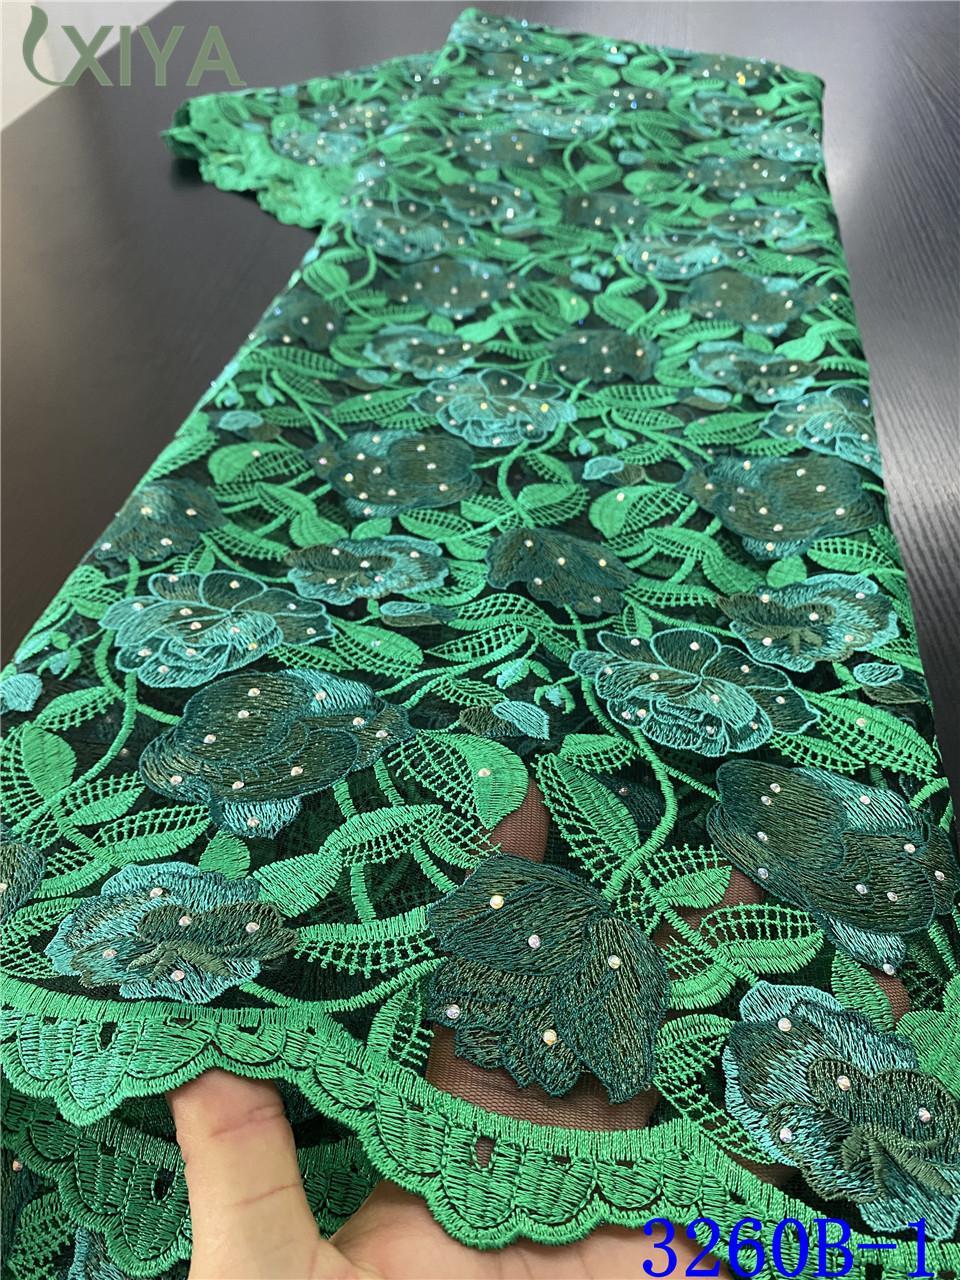 Últimas tela do laço verde Francês Tulle malha Laces Tecidos Africano com pedras bordado nigeriano Net Lace Tecido APW3260B